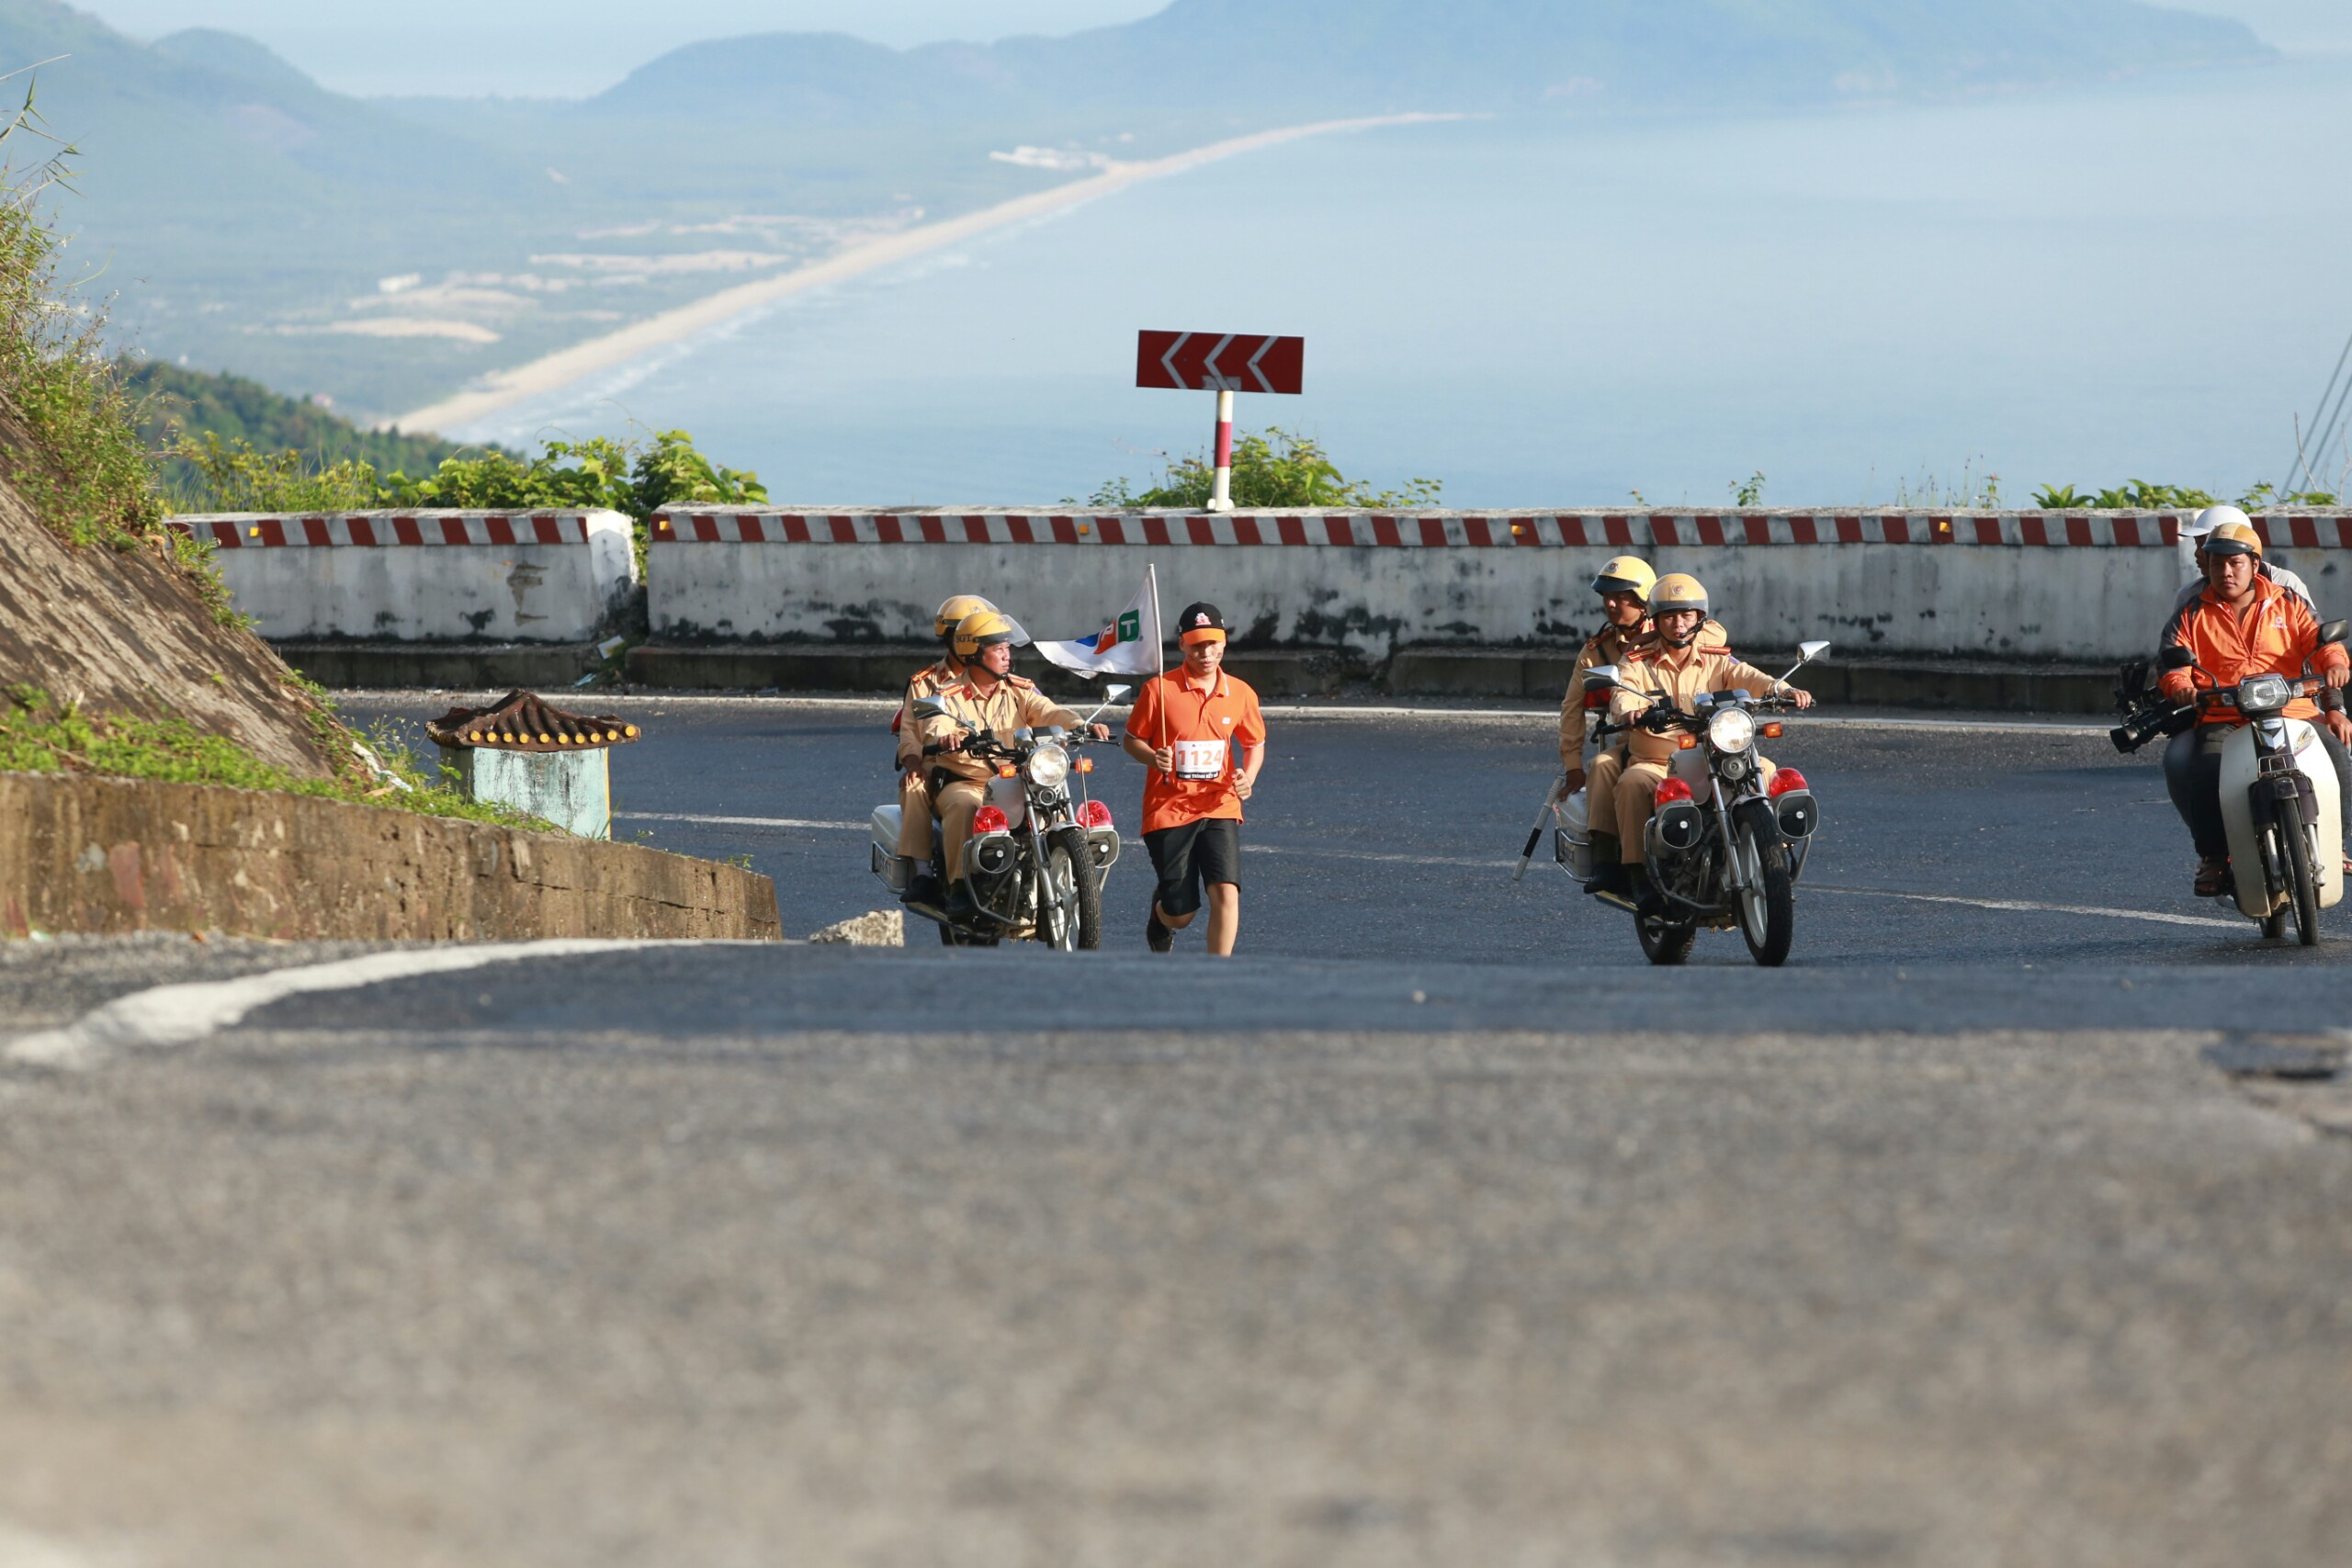 Hơn 10 VĐV thay nhau cho đường chạy khoảng 11km trên địa phận Huế, trước khi lên Hải Vân quan để hướng về TP Đà Nẵng.